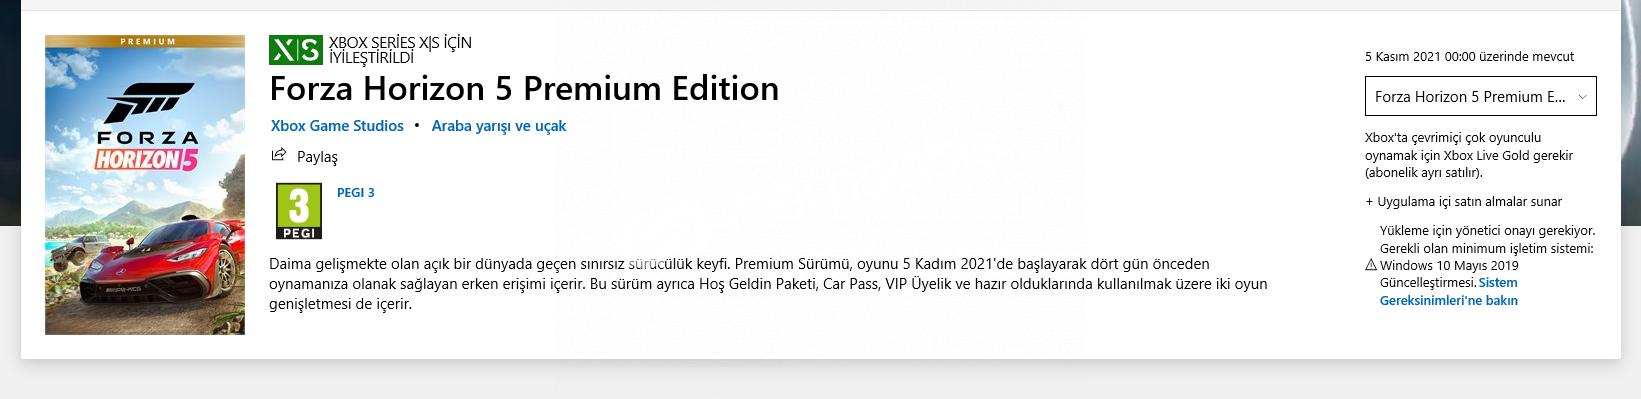 FORZA HORİZON 5 PREMIUM EDITION ÖN SİPARİŞ ASIL FİYAT 670TL